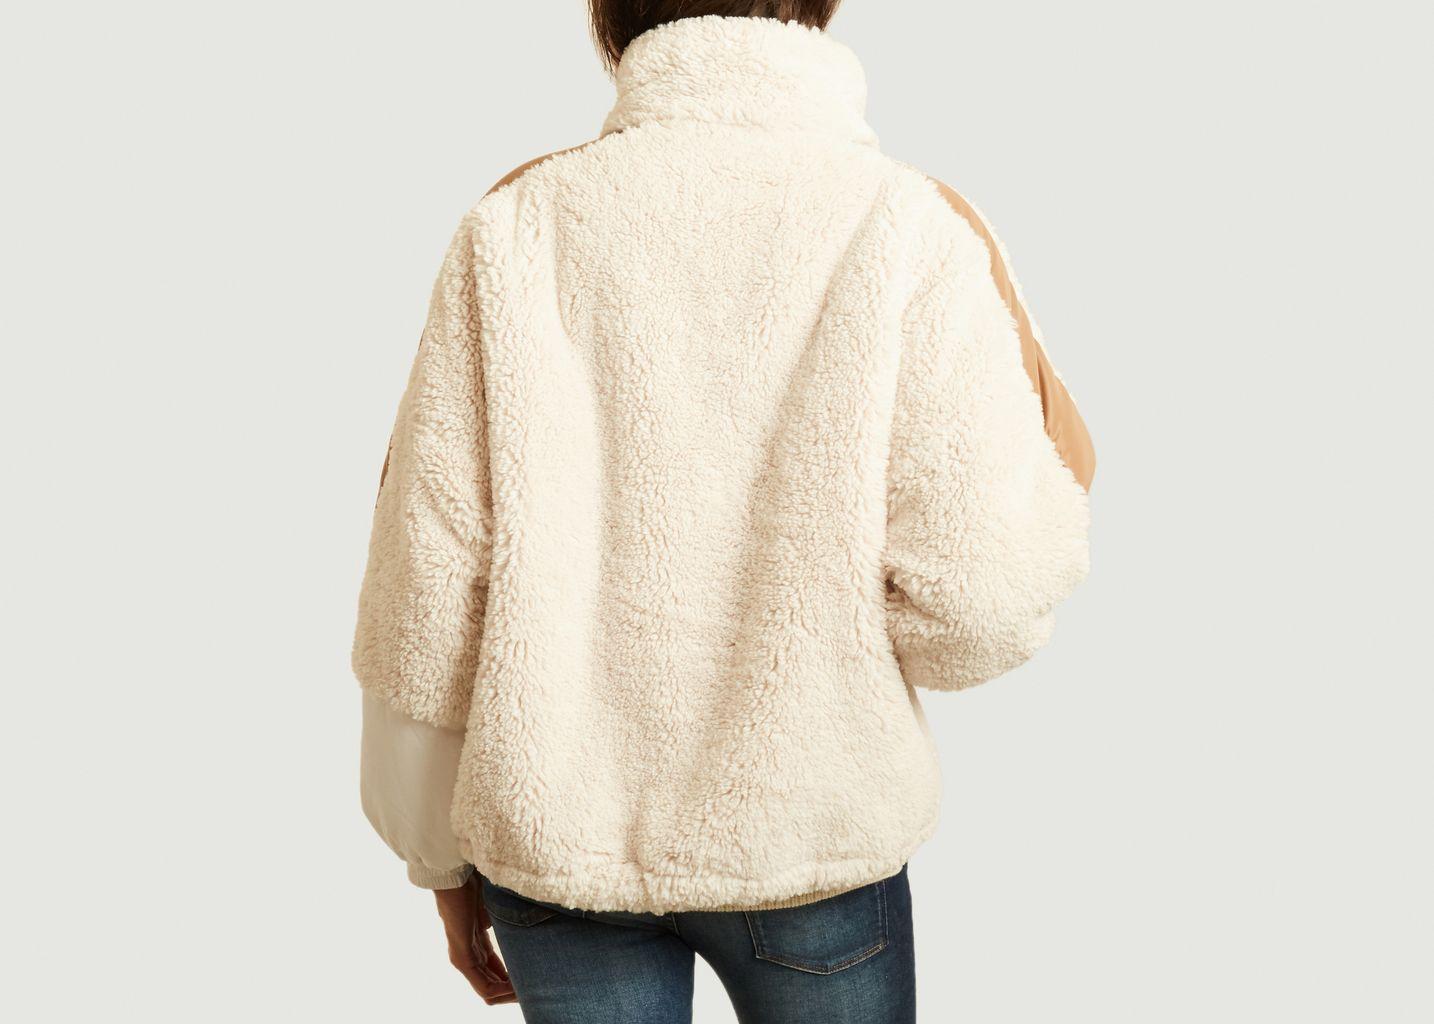 Sweatshirt 9018 oversize en fourrure - OOF WEAR